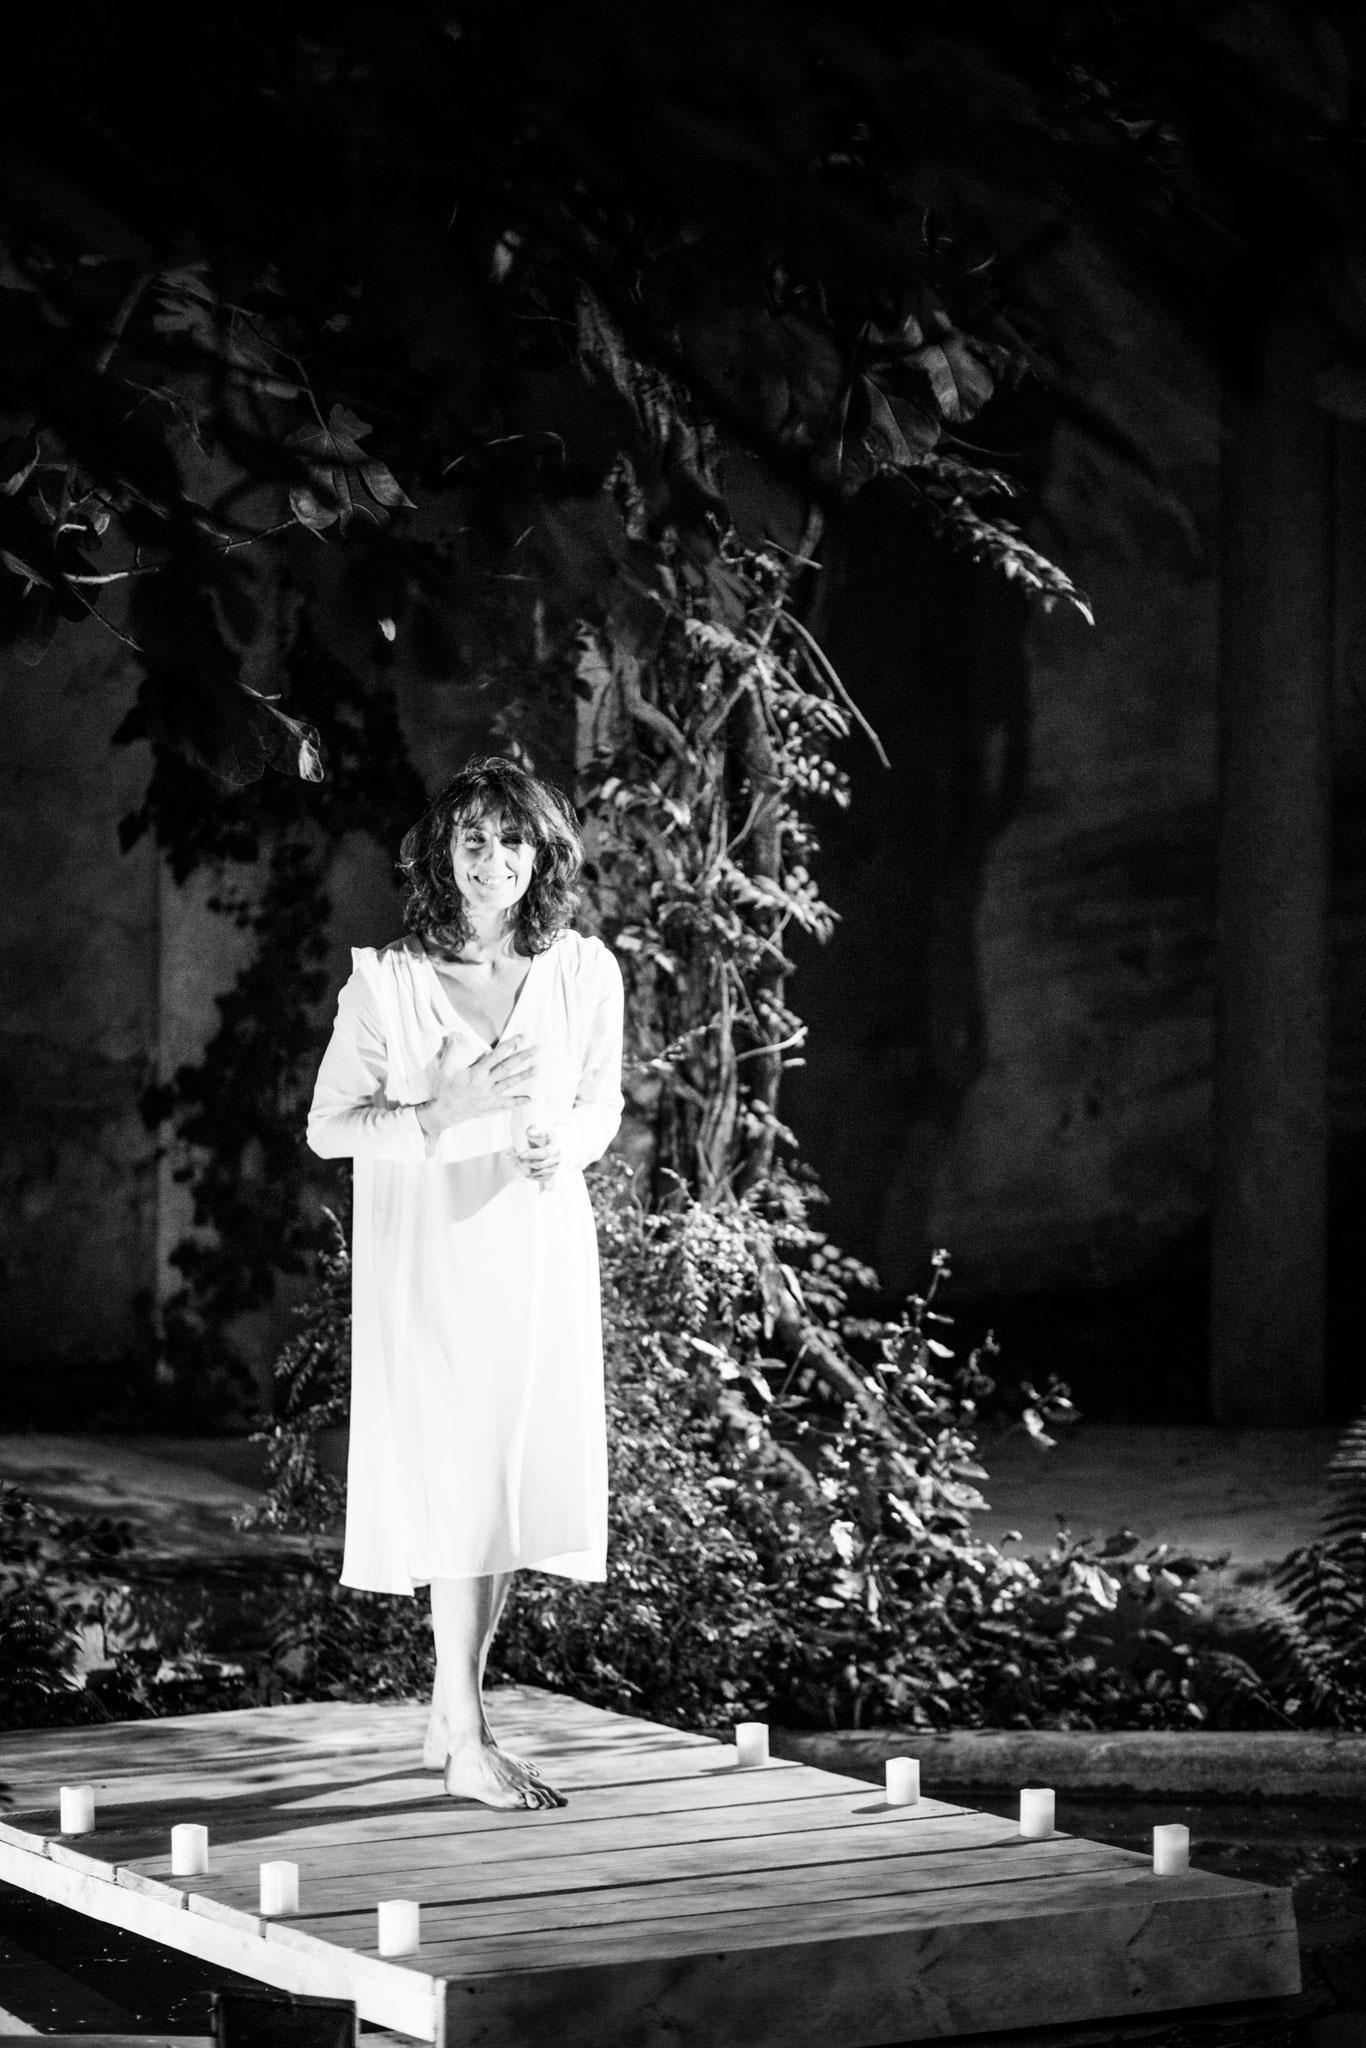 Natacha Liège ©Benjamin Chauvet 2017